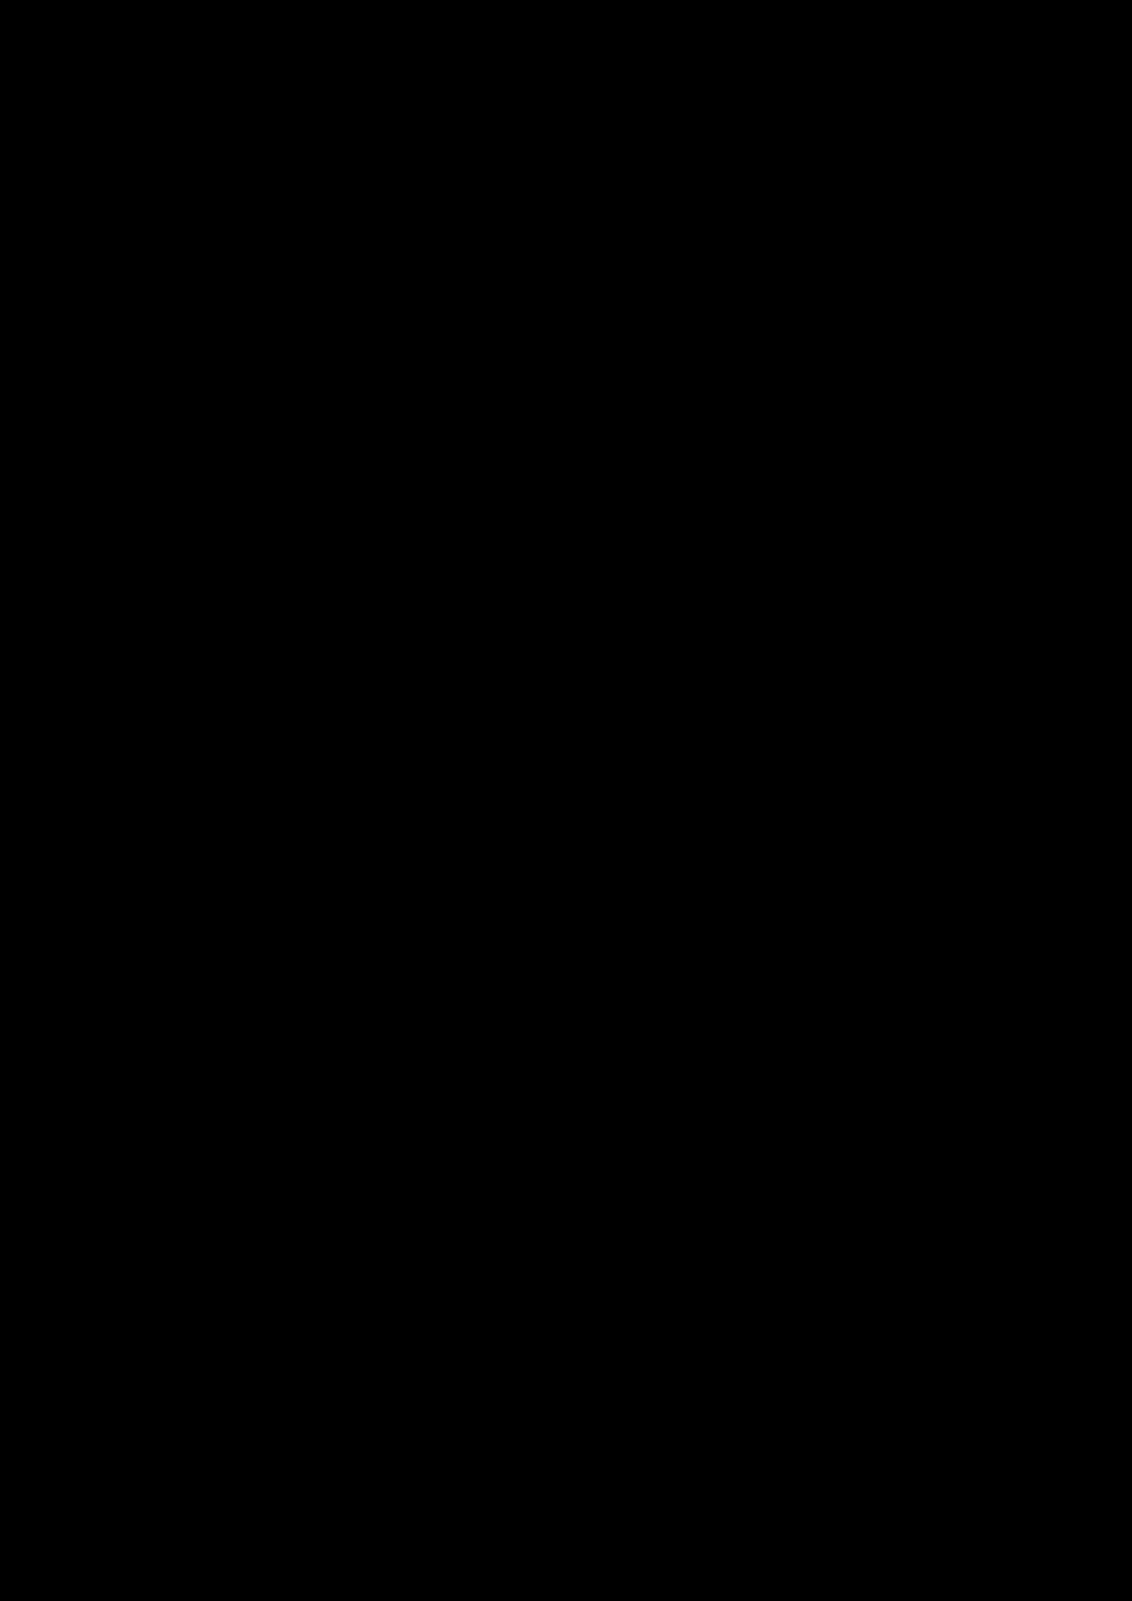 Zagadka volshebnoy stranyi slide, Image 103